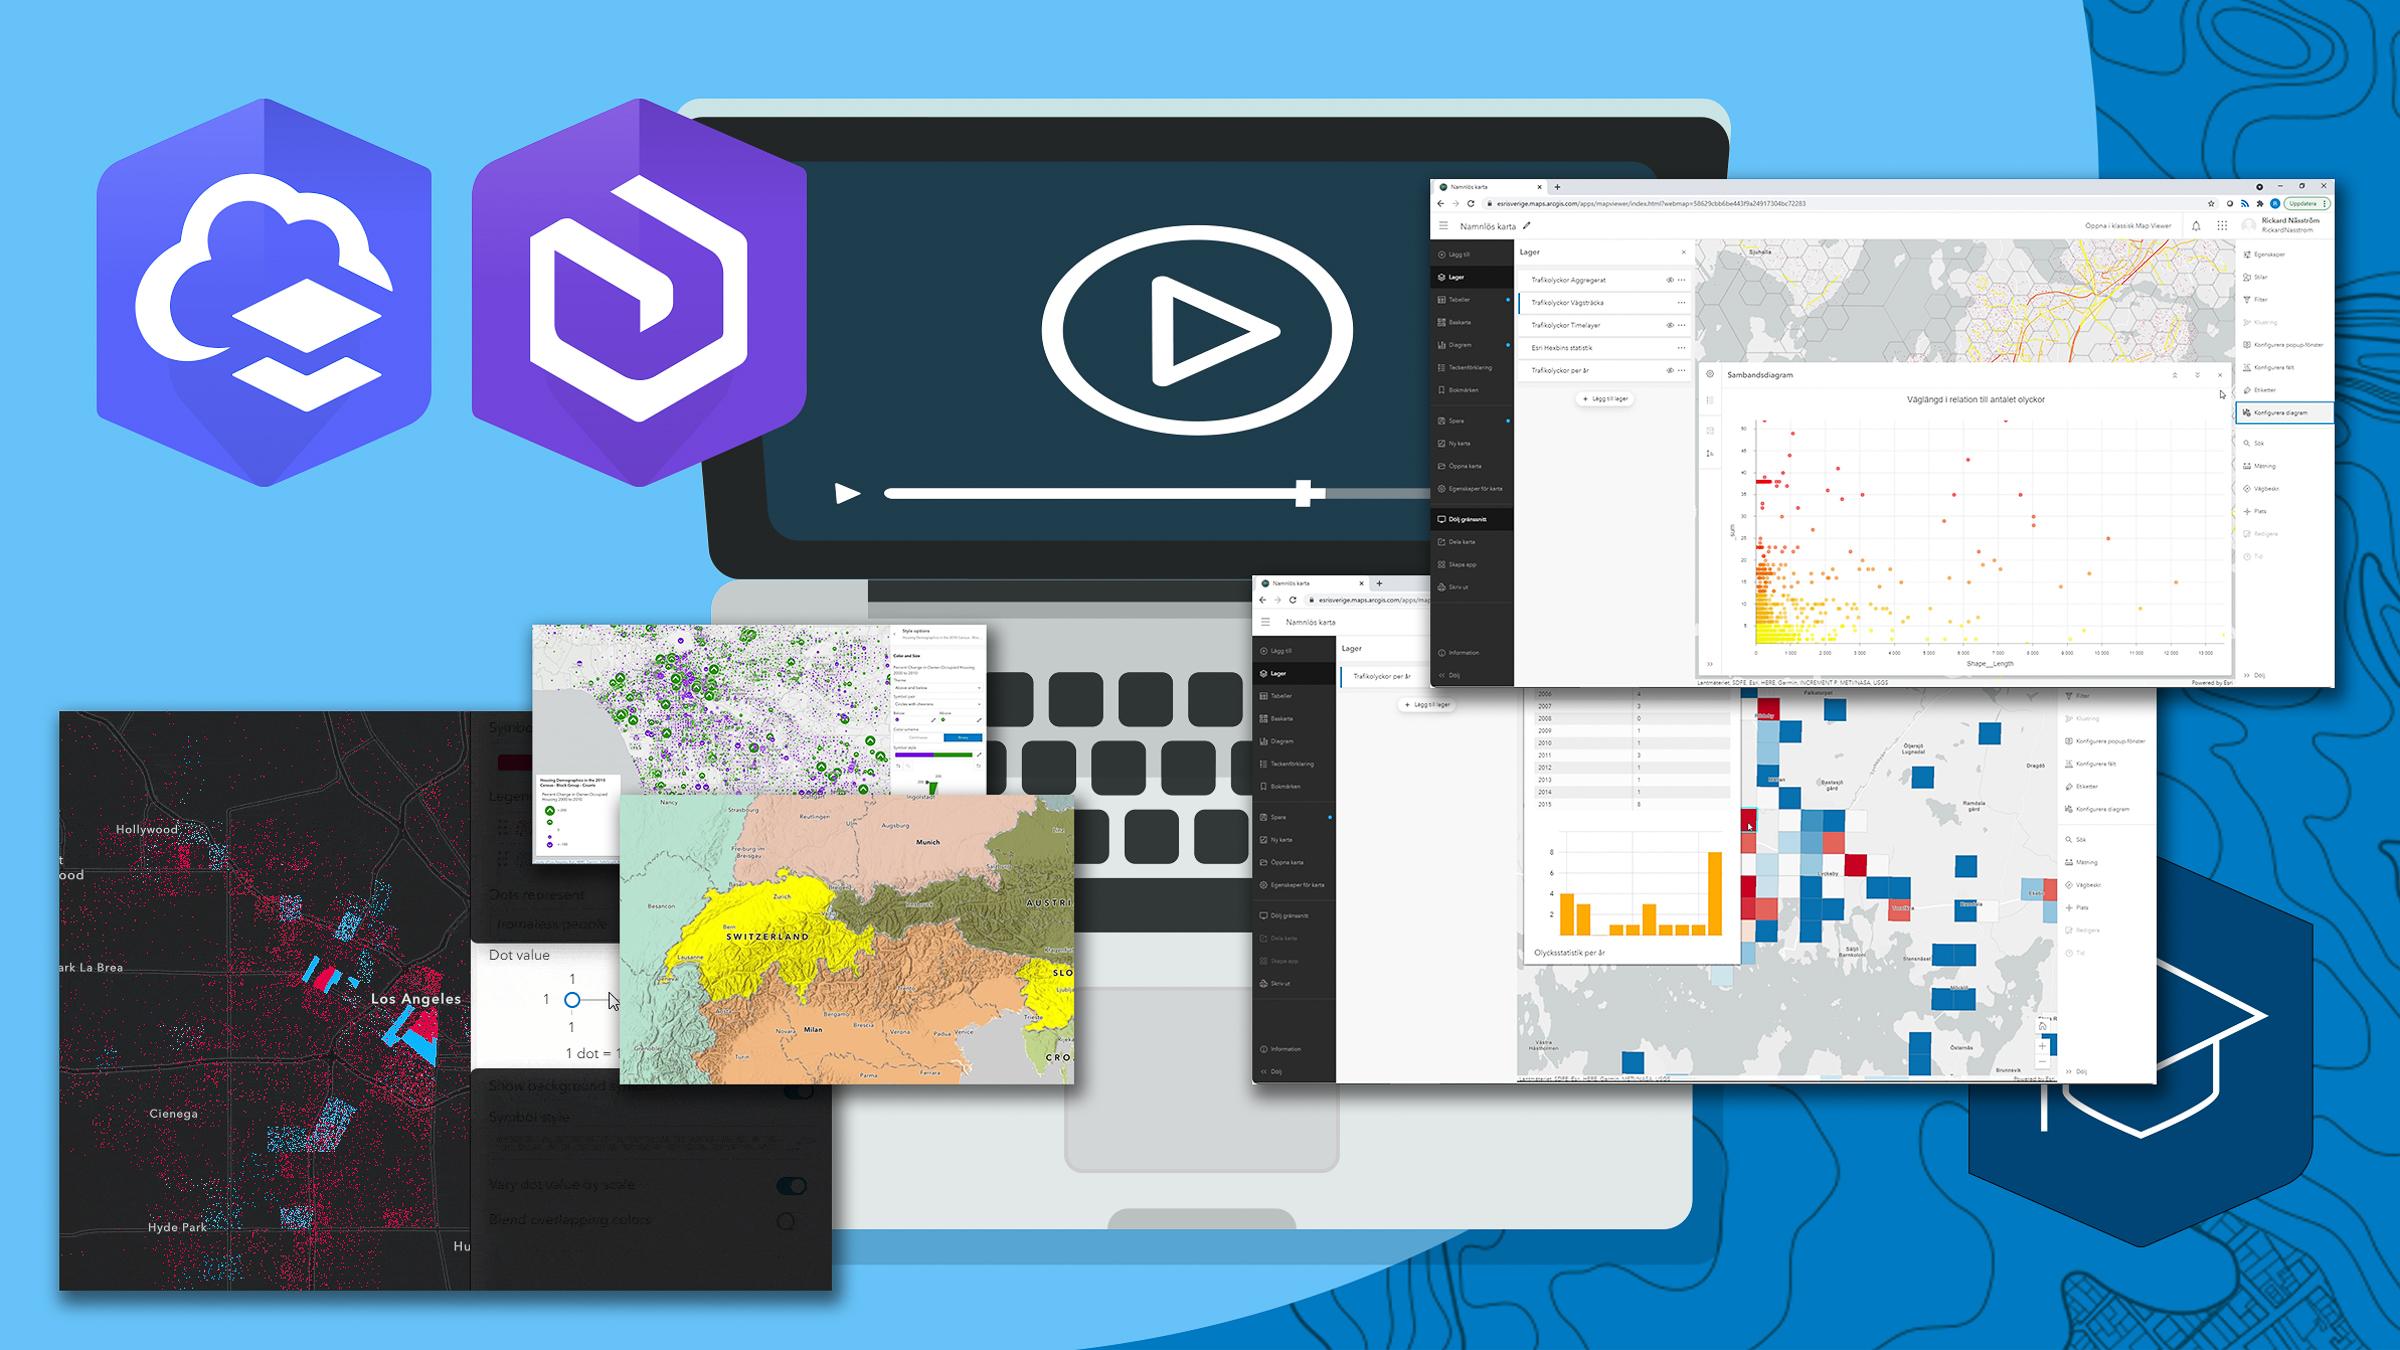 Skapa kartor i ArcGIS med smart mapping